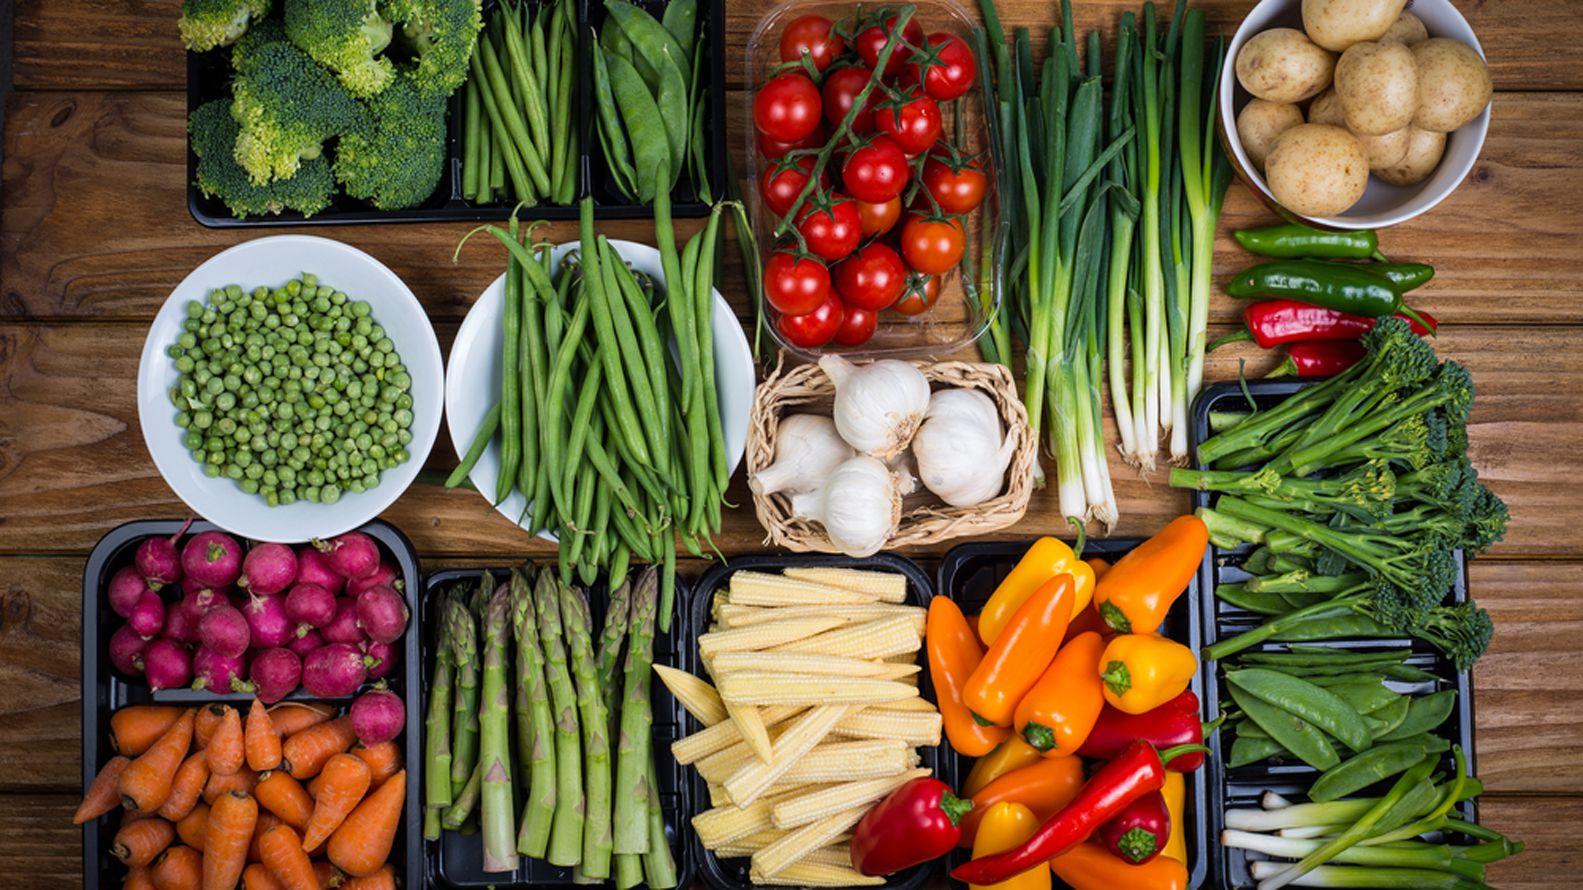 Un estudio determinó la cantidad justa de frutas y verduras que hay que consumir para vivir más años (Shutterstock)